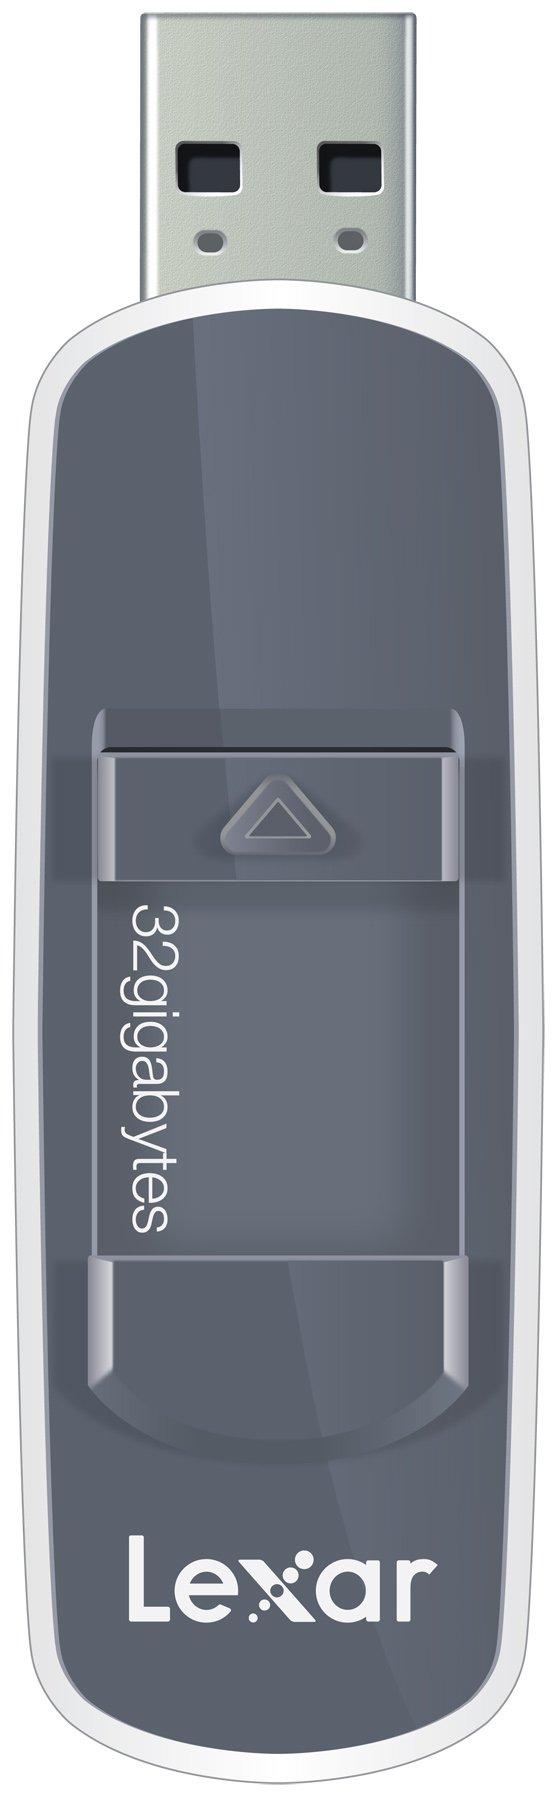 Lexar JumpDrive S70 32GB USB Flash Drive LJDS70-32GAPB10 - Polybag 10 Pack by Lexar